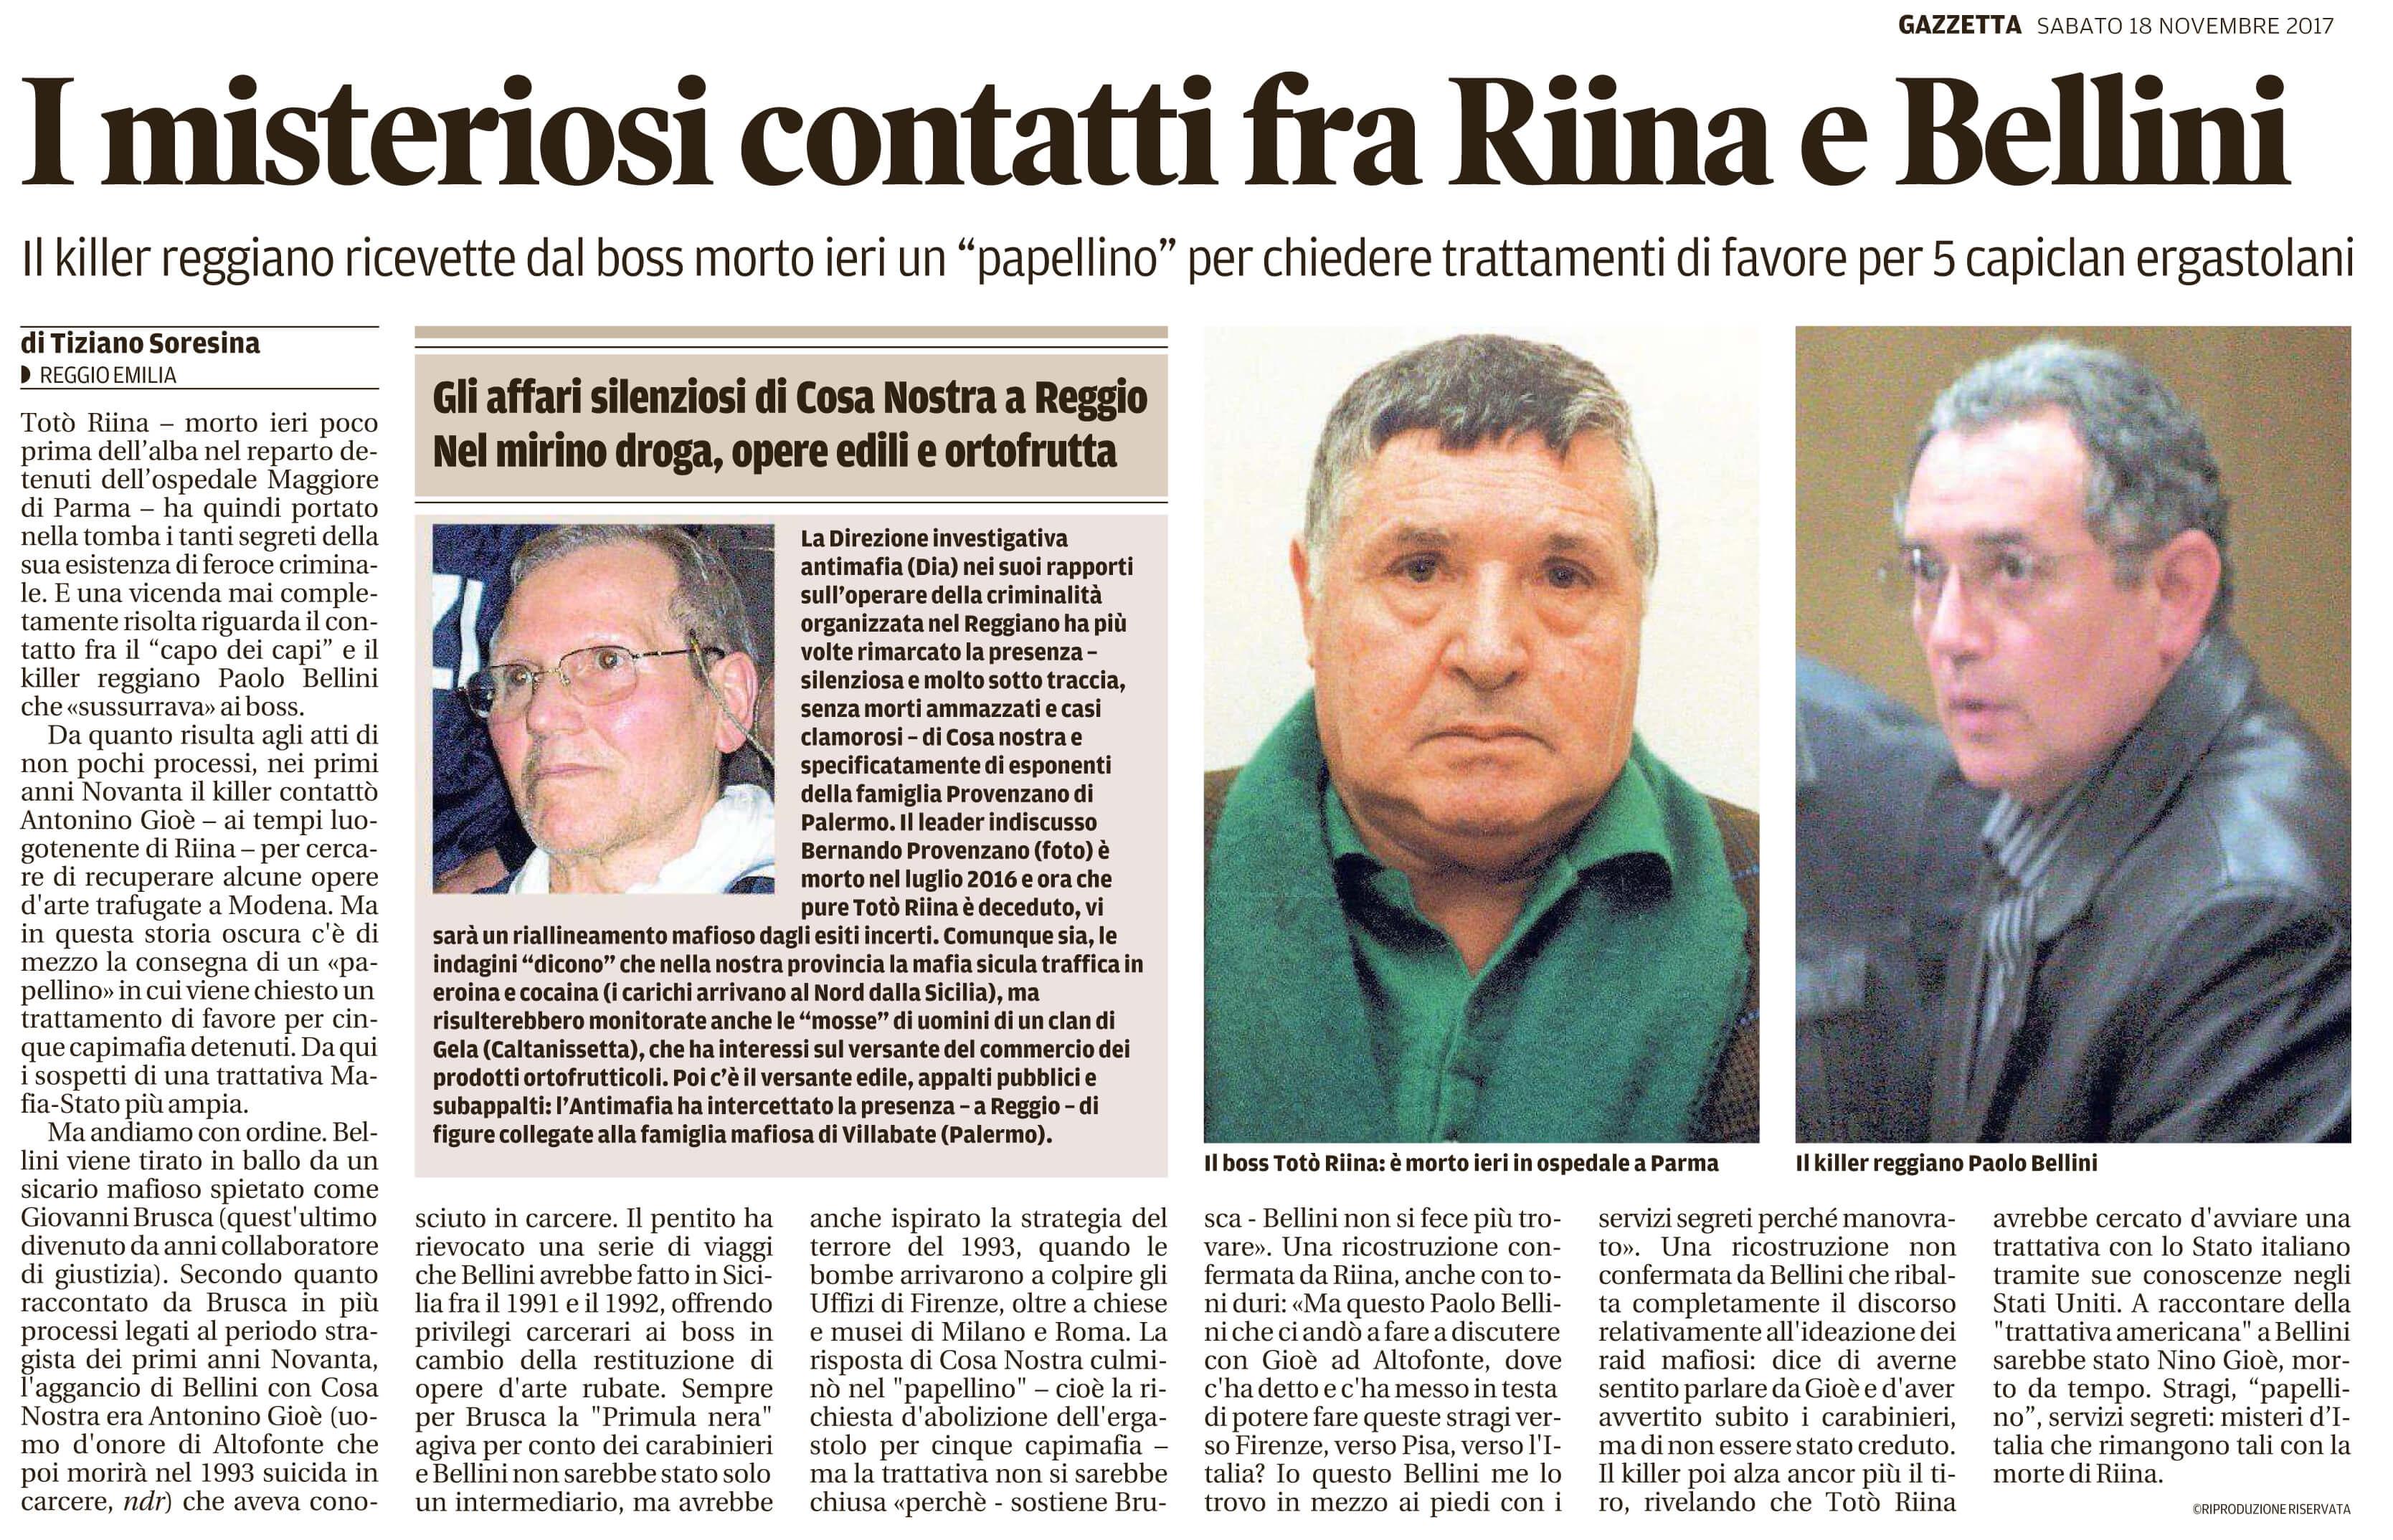 Contatti fra Riina e Bellini